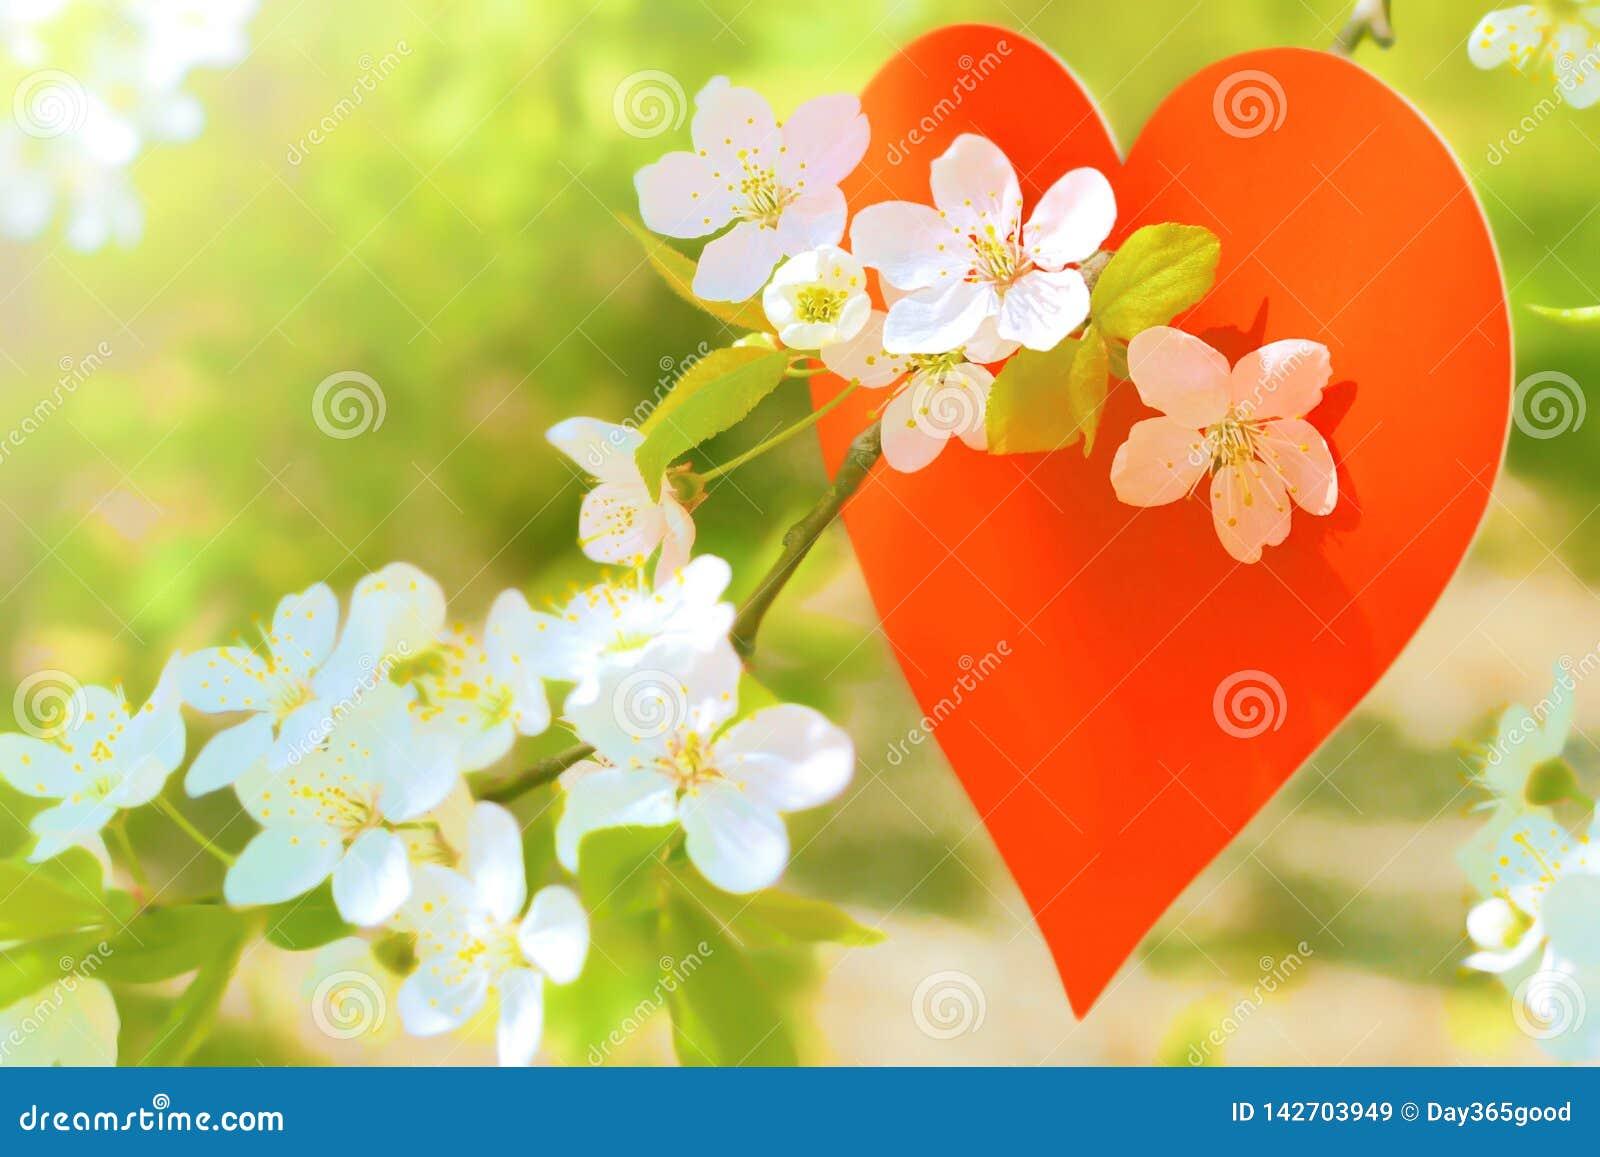 Liebe, blühender Garten, Frühling, rotes Herz Niederlassung des blühenden Gartens der Pflaume im Frühjahr